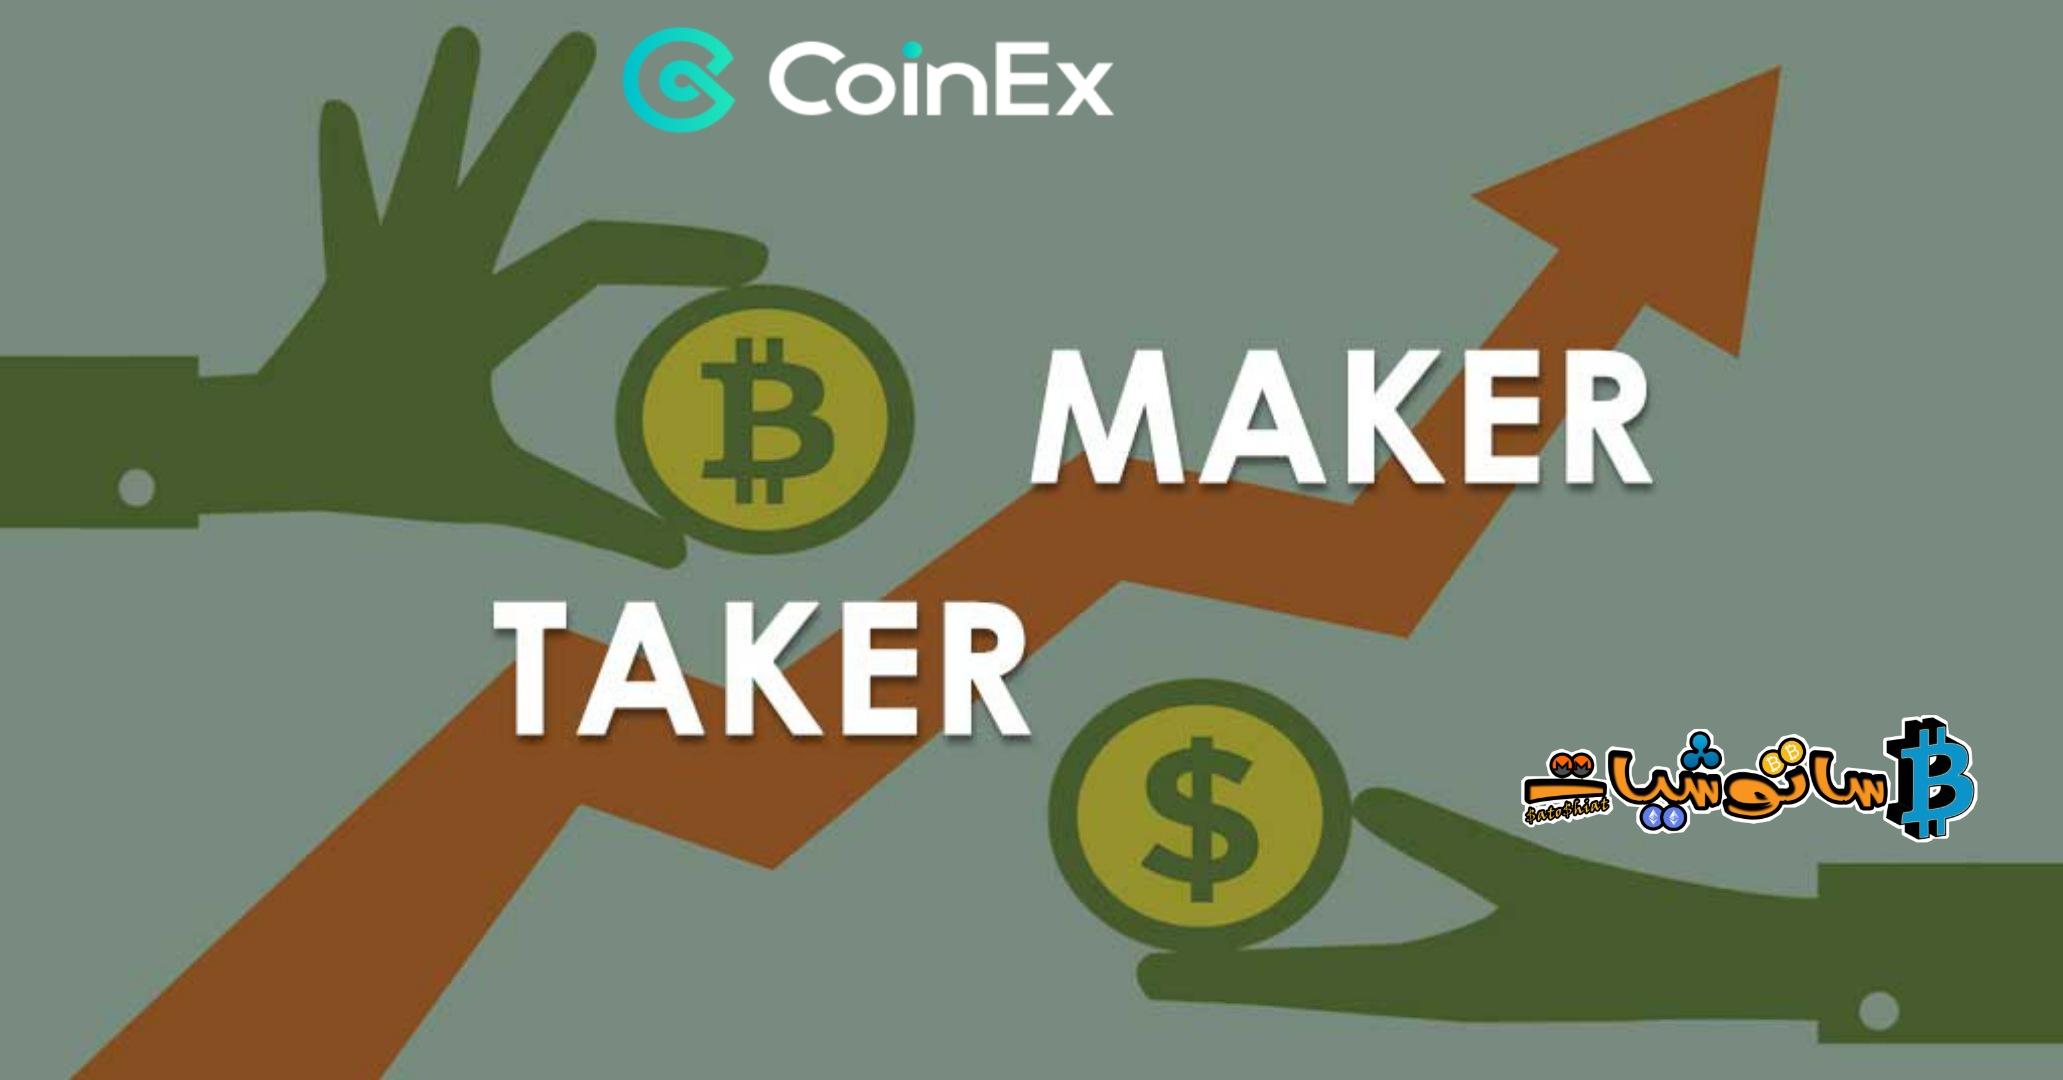 من هو Taker&Maker؟ وكيف يمكن تقليل رسوم المعاملات؟